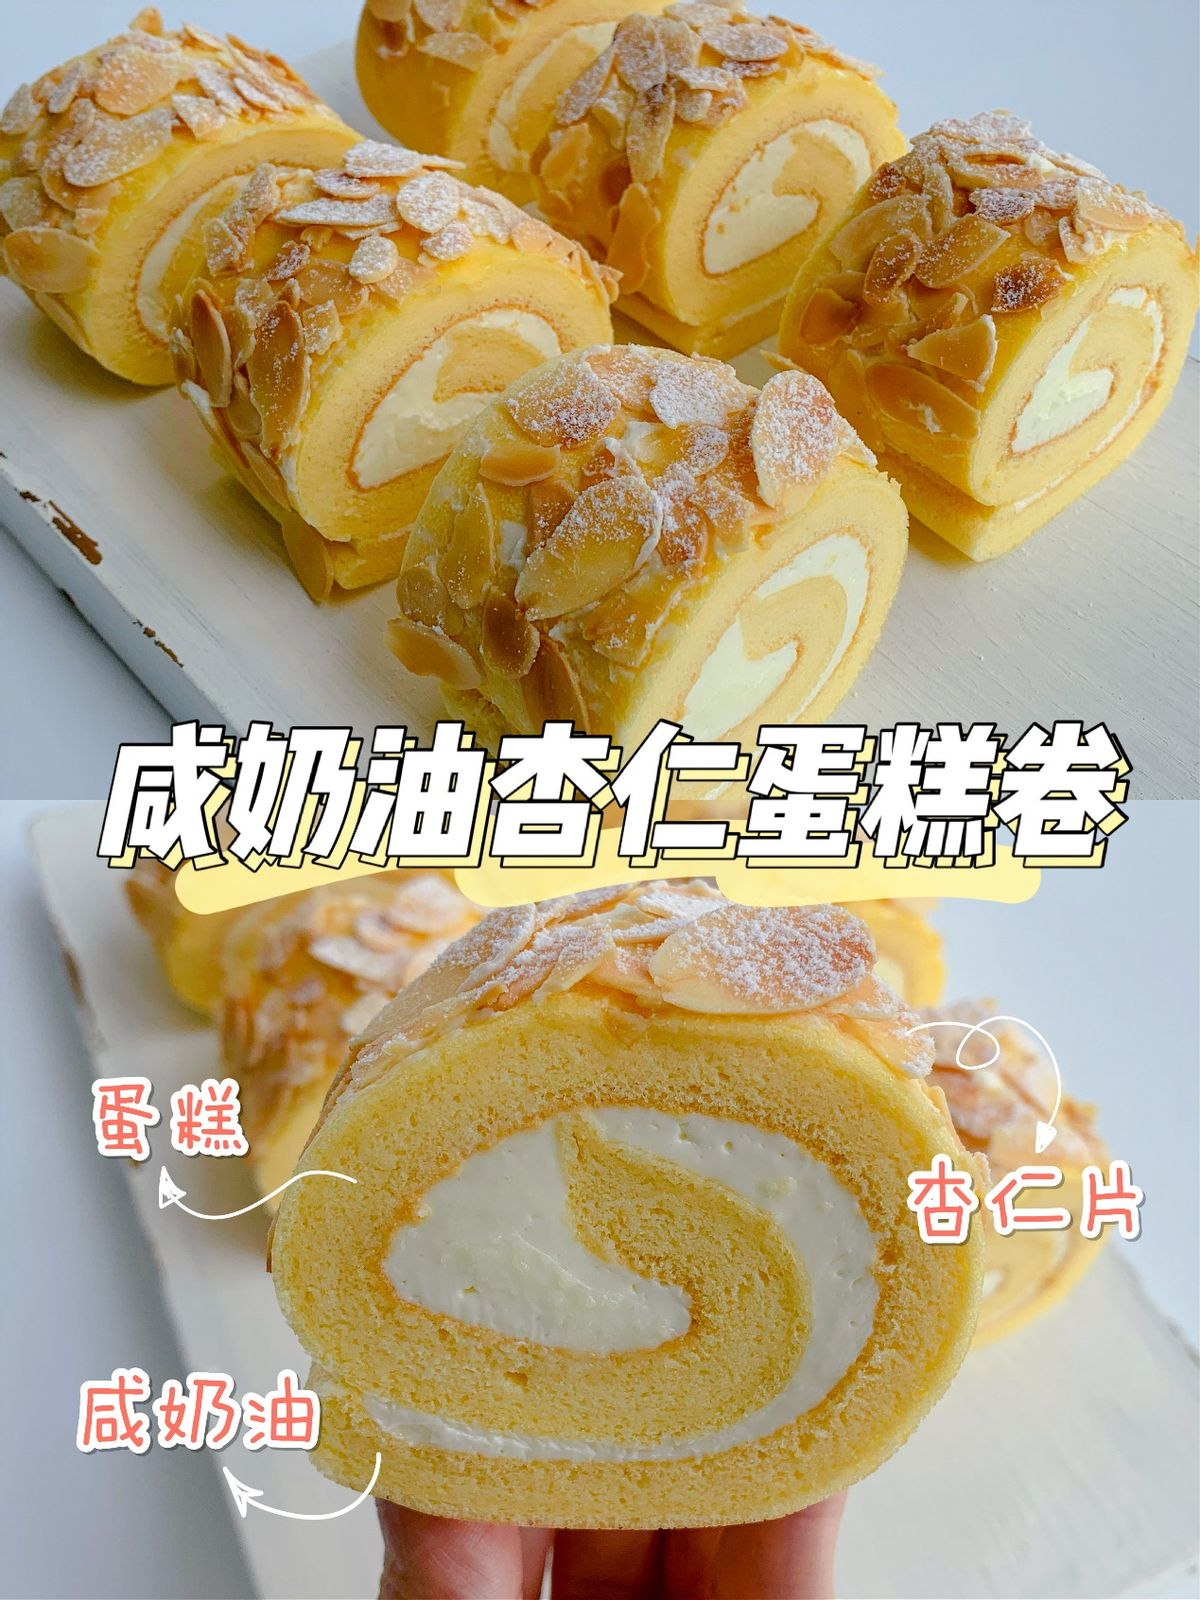 任卷不開裂的蛋糕卷做法,香甜柔軟超好吃,做法配方教給你